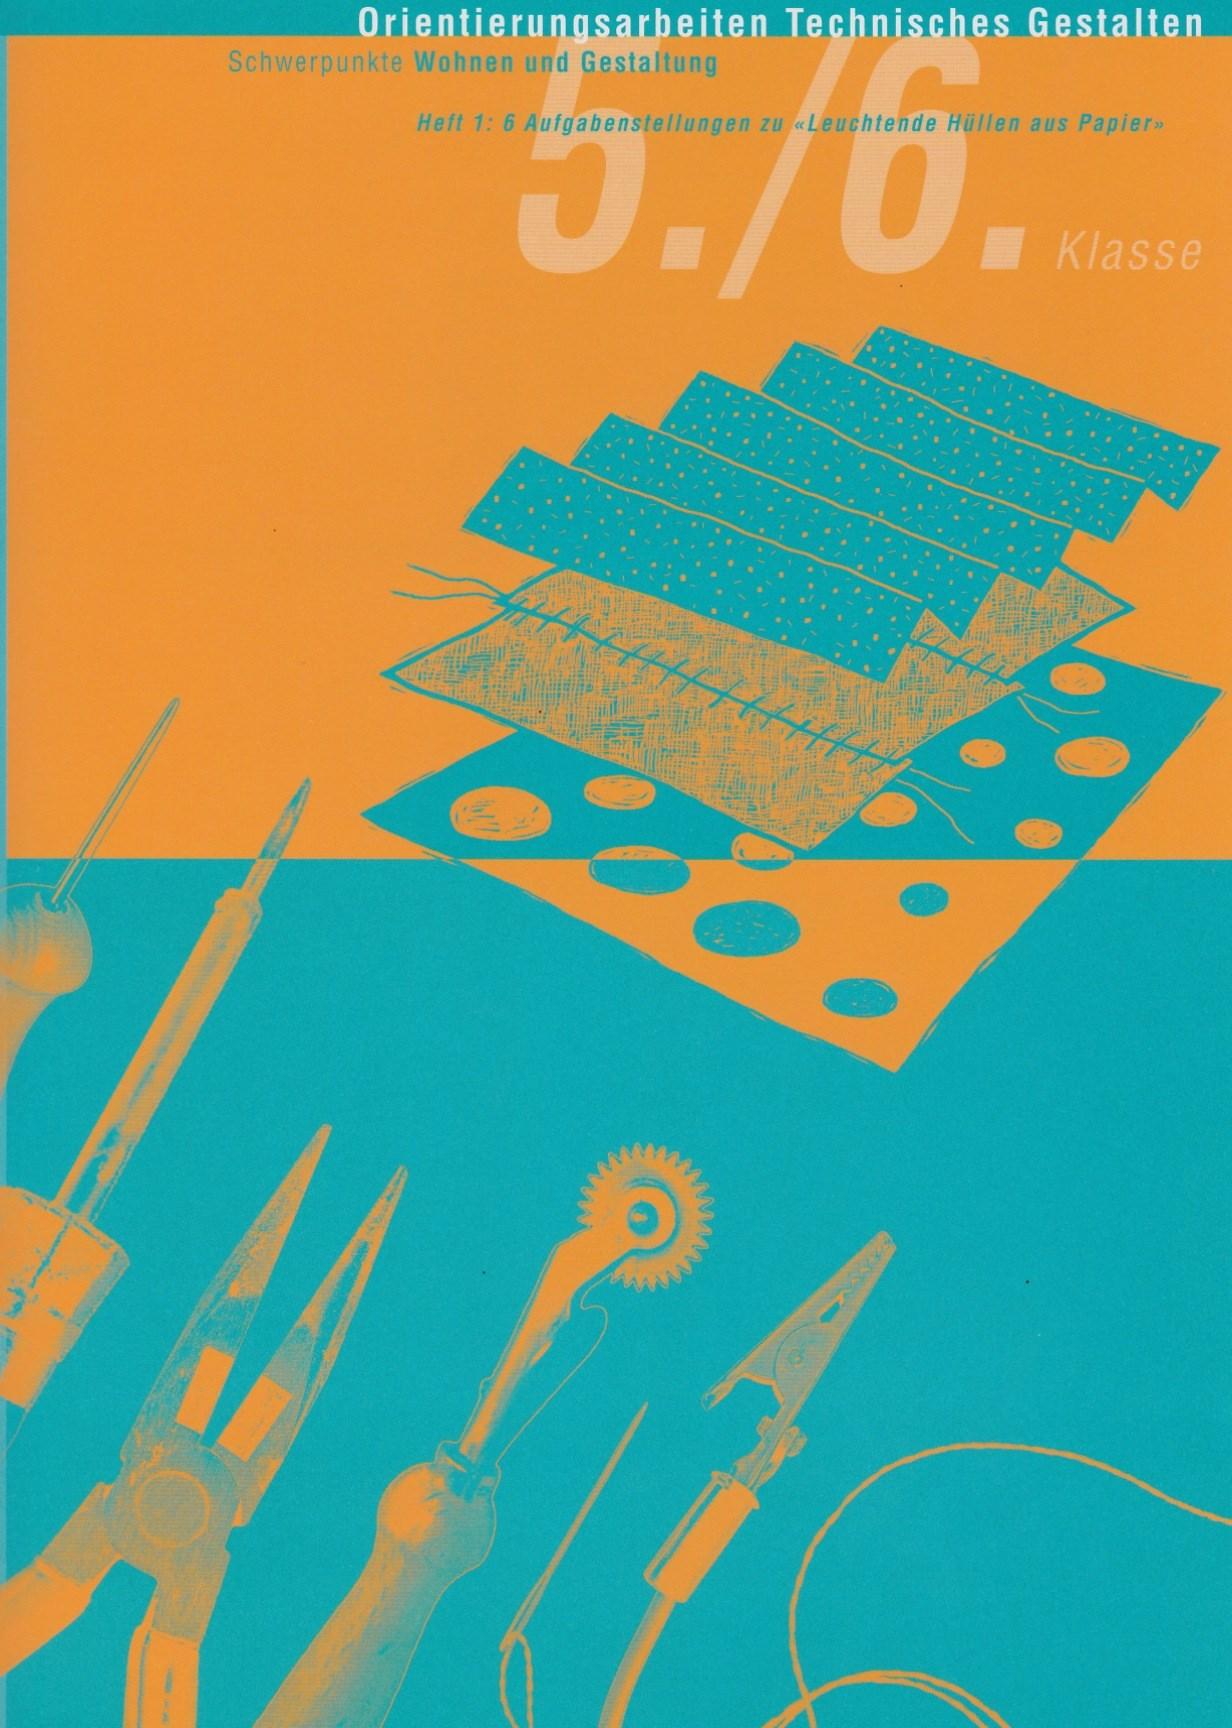 Preview image for LOM object Orientierungsarbeit Technisches Gestalten 5/6: Leuchtende Hüllen aus Papier